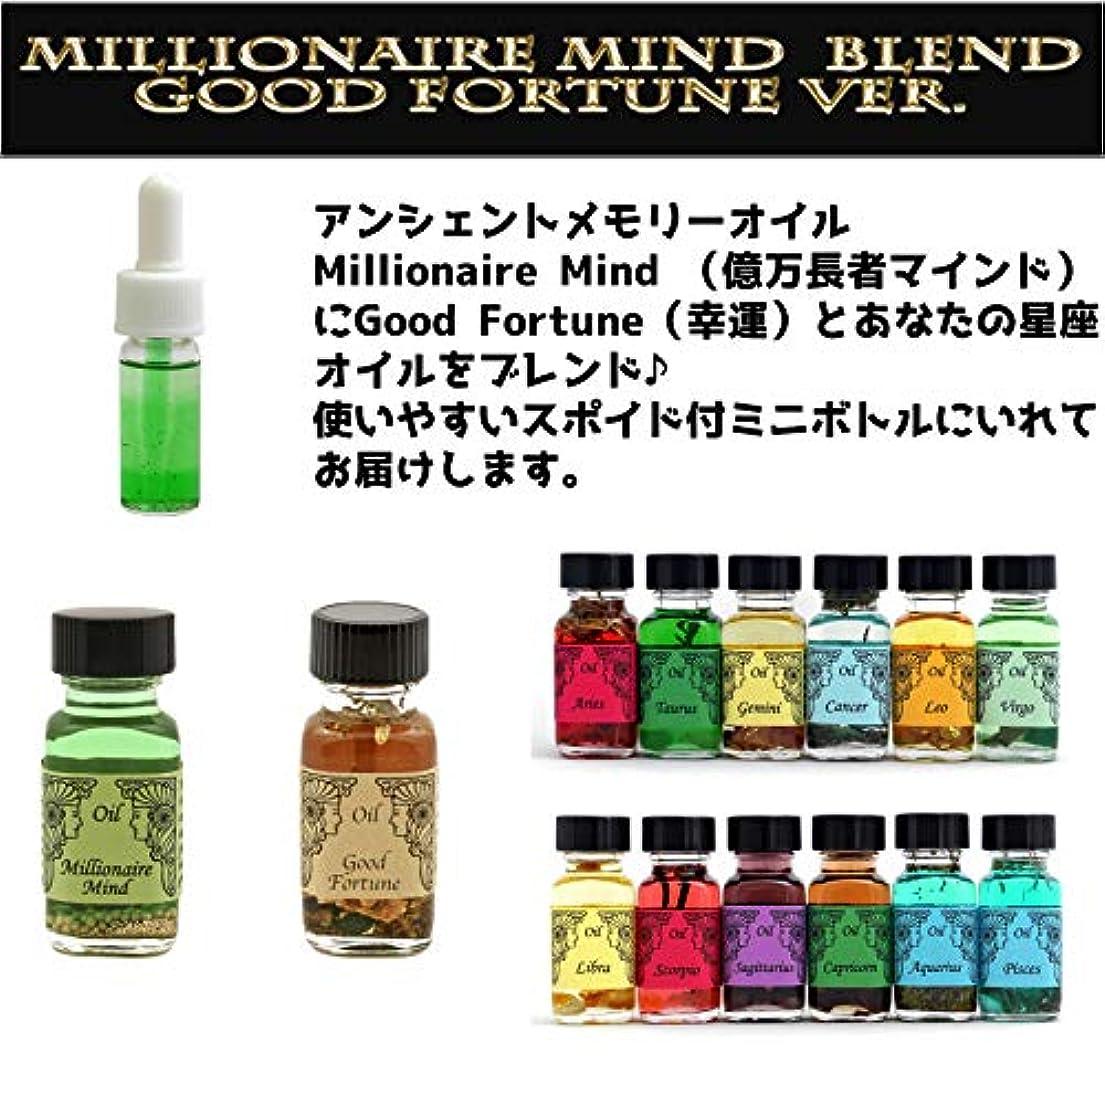 ポンド視聴者ホースアンシェントメモリーオイル Millionaire Mind 億万長者マインド ブレンド【Good Fortune グッドフォーチュン 幸運&かに座】